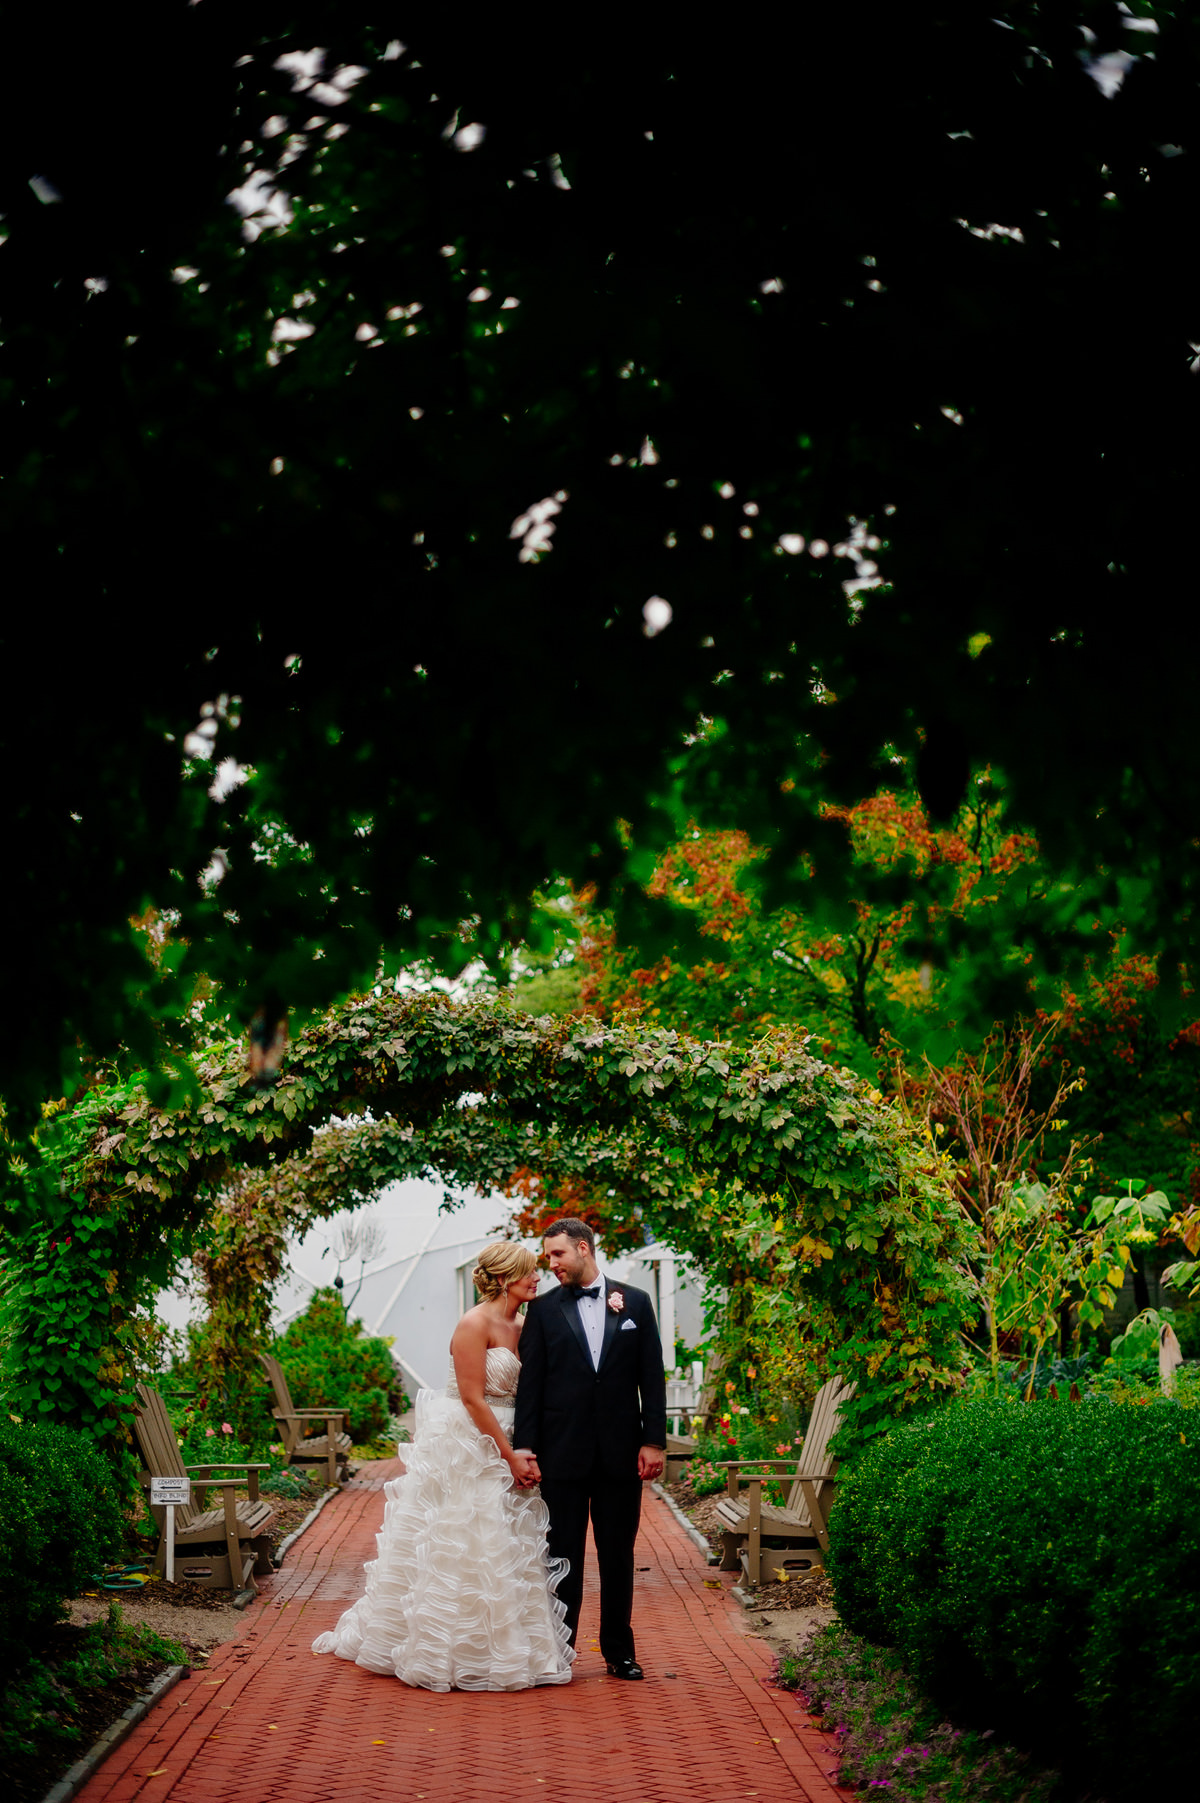 editorial wedding photos